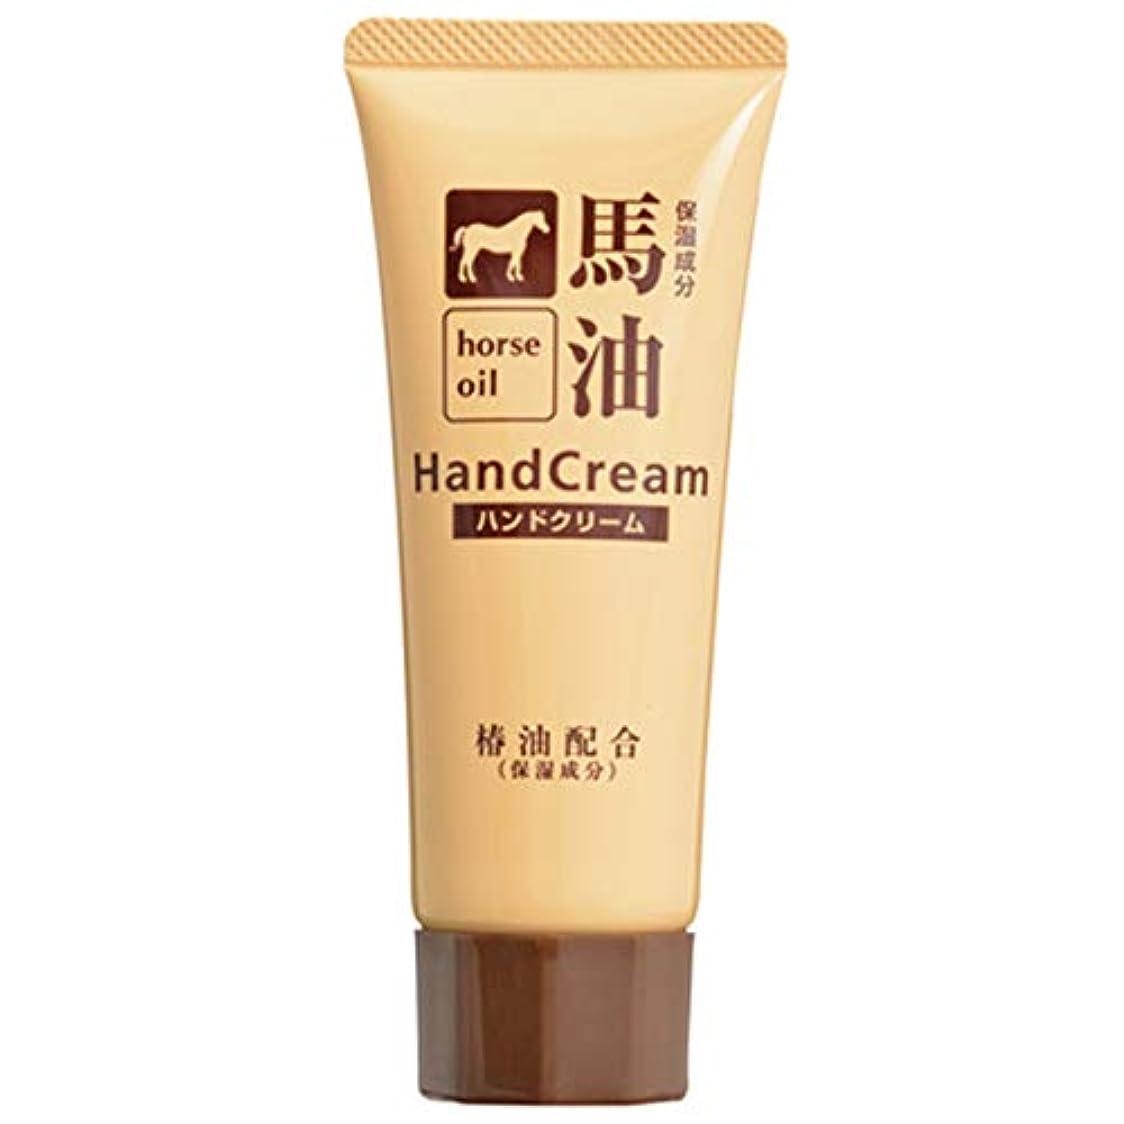 廃棄する直立世界的に熊野油脂 椿油配合馬油ハンドクリーム 60g